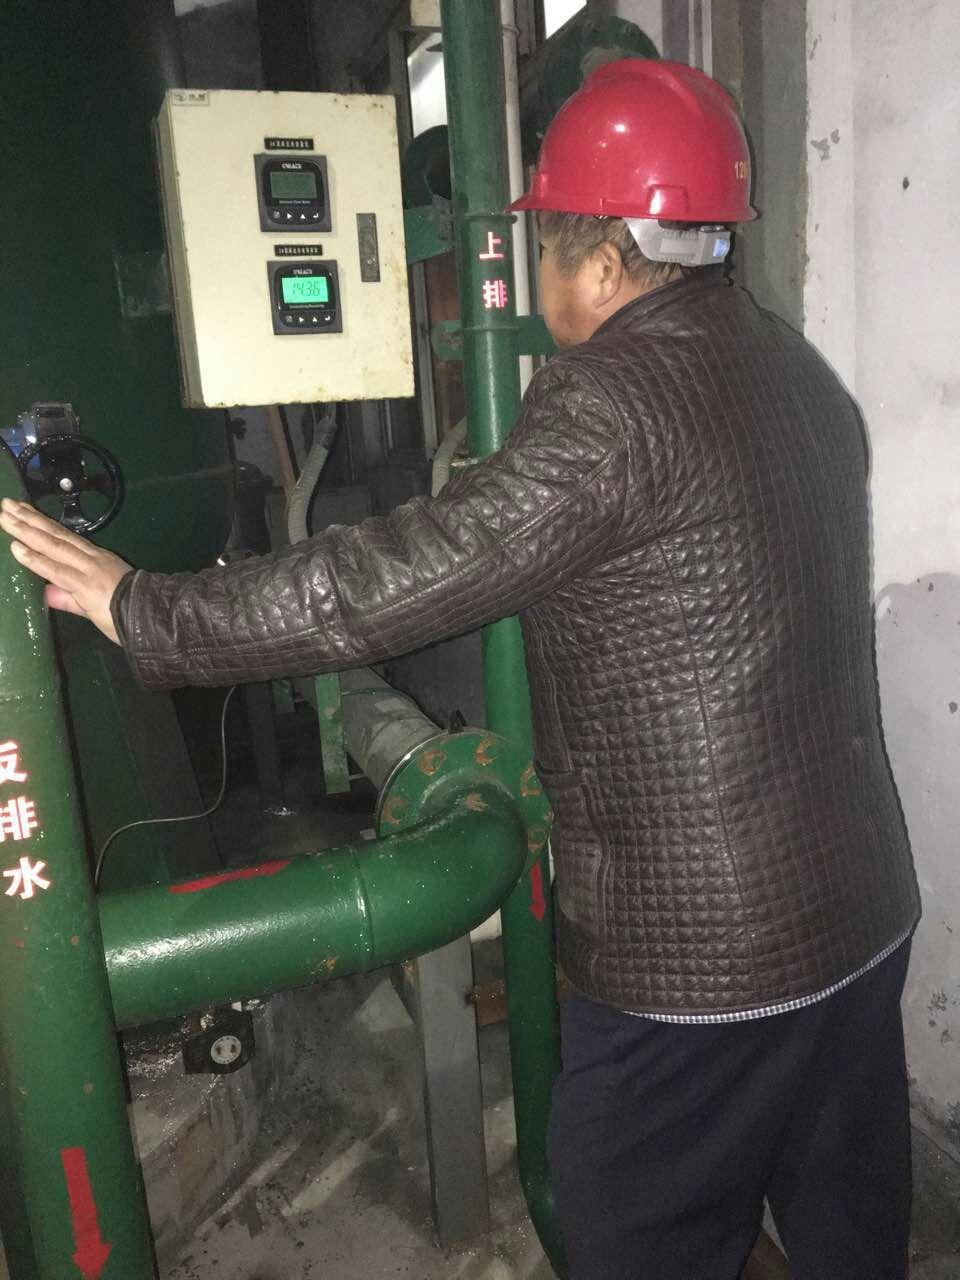 鹤壁市海格化工科技有限公司专业生产阴阳离子交换树脂,电厂专用树脂